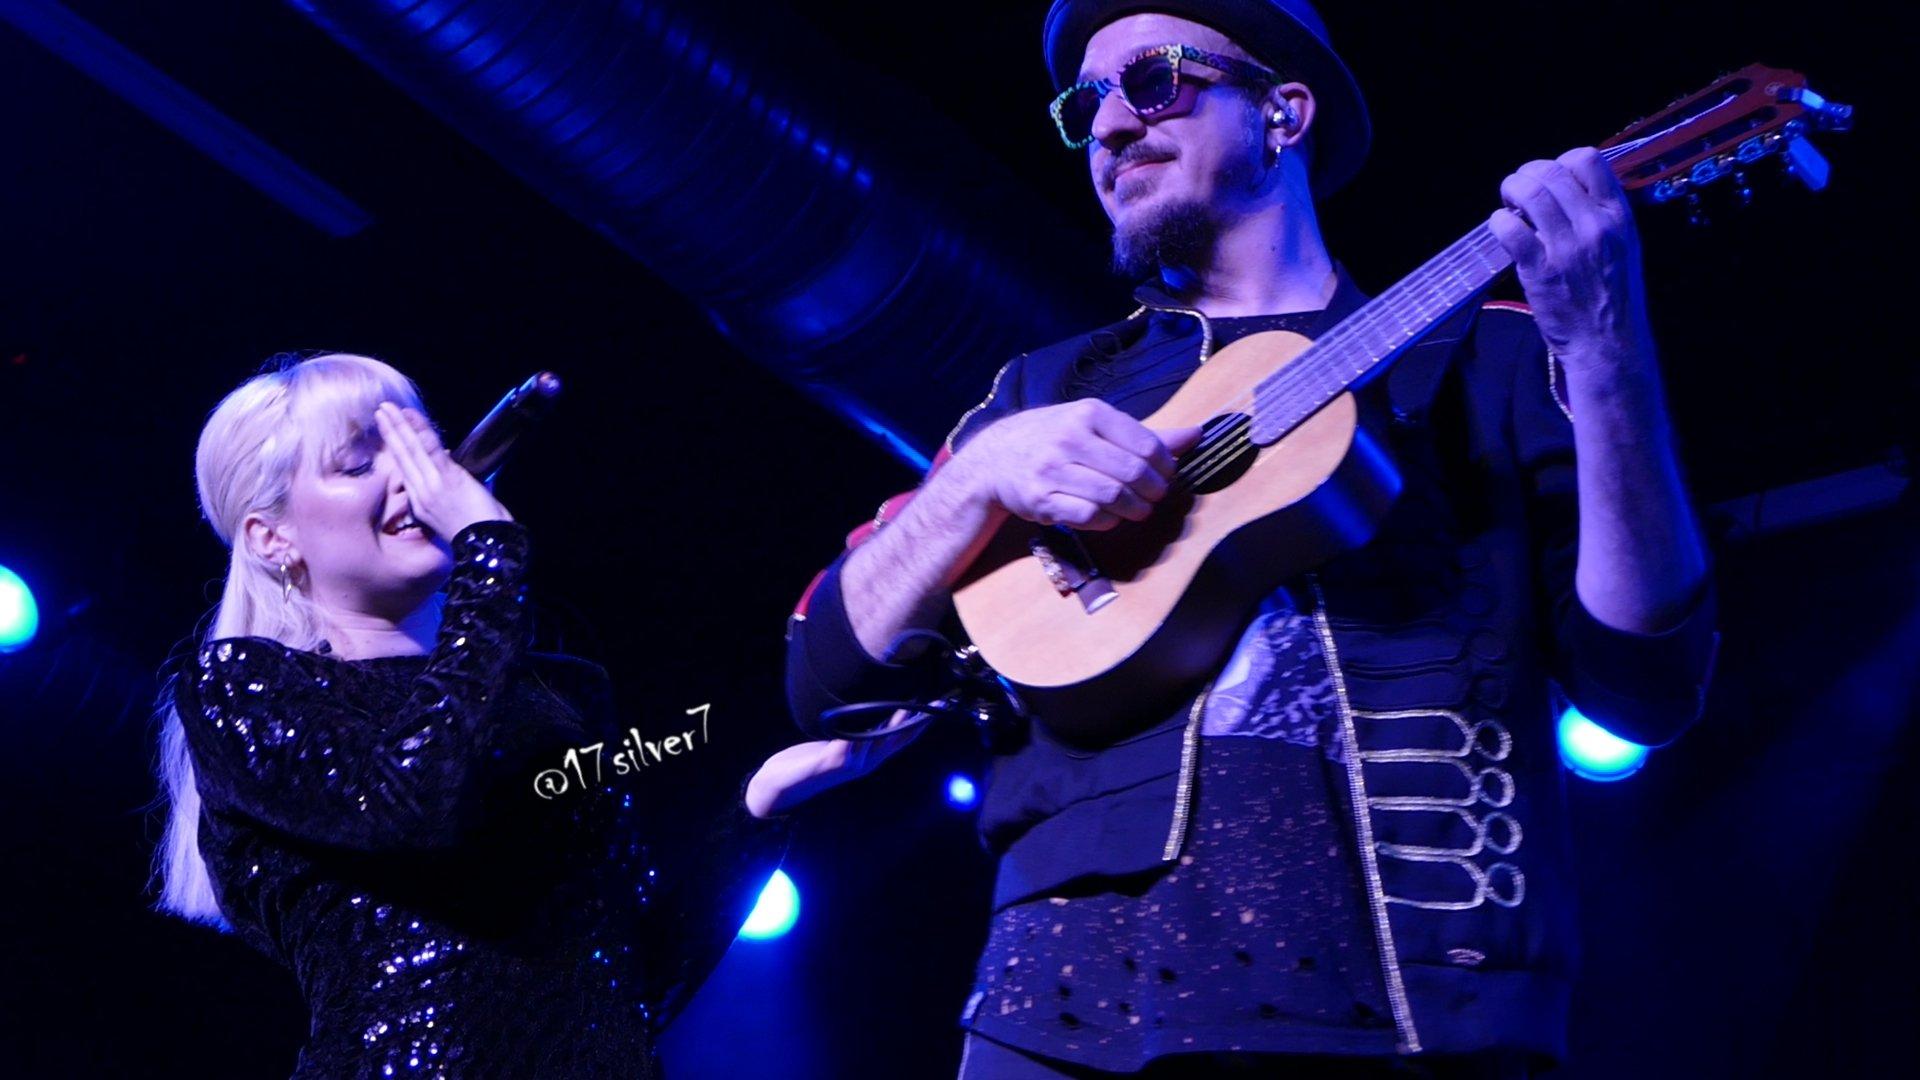 Alba Reche junto a Ismael Guijarro - Quimera Tour Sevilla / Foto: Artivist - @17Silver7